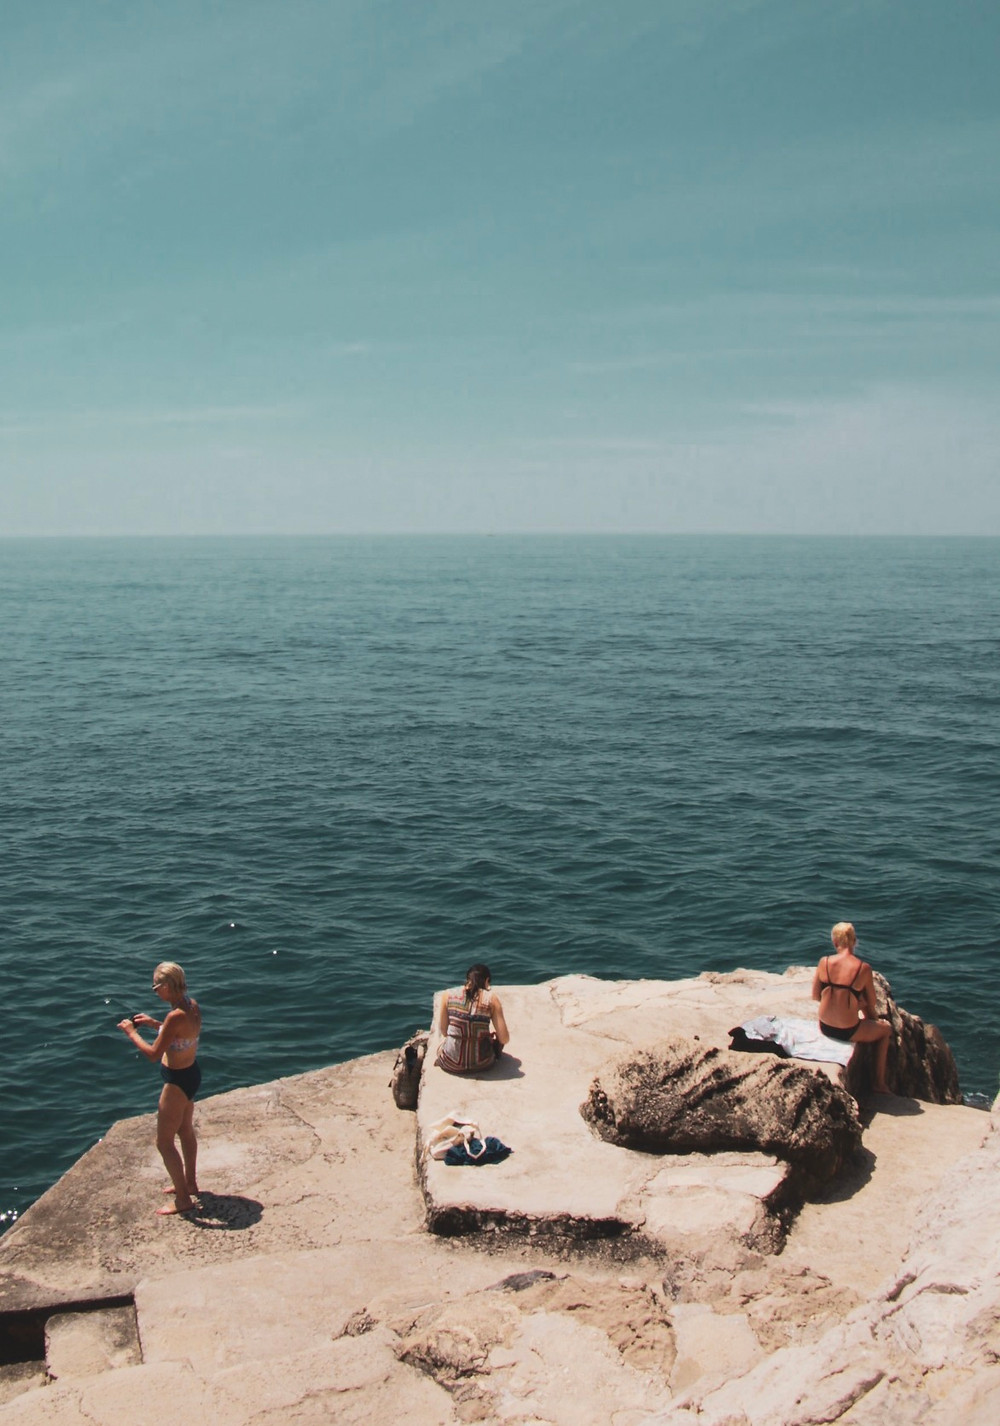 Ocean Rock Croatia Dubrovnik Peacfull Ladies